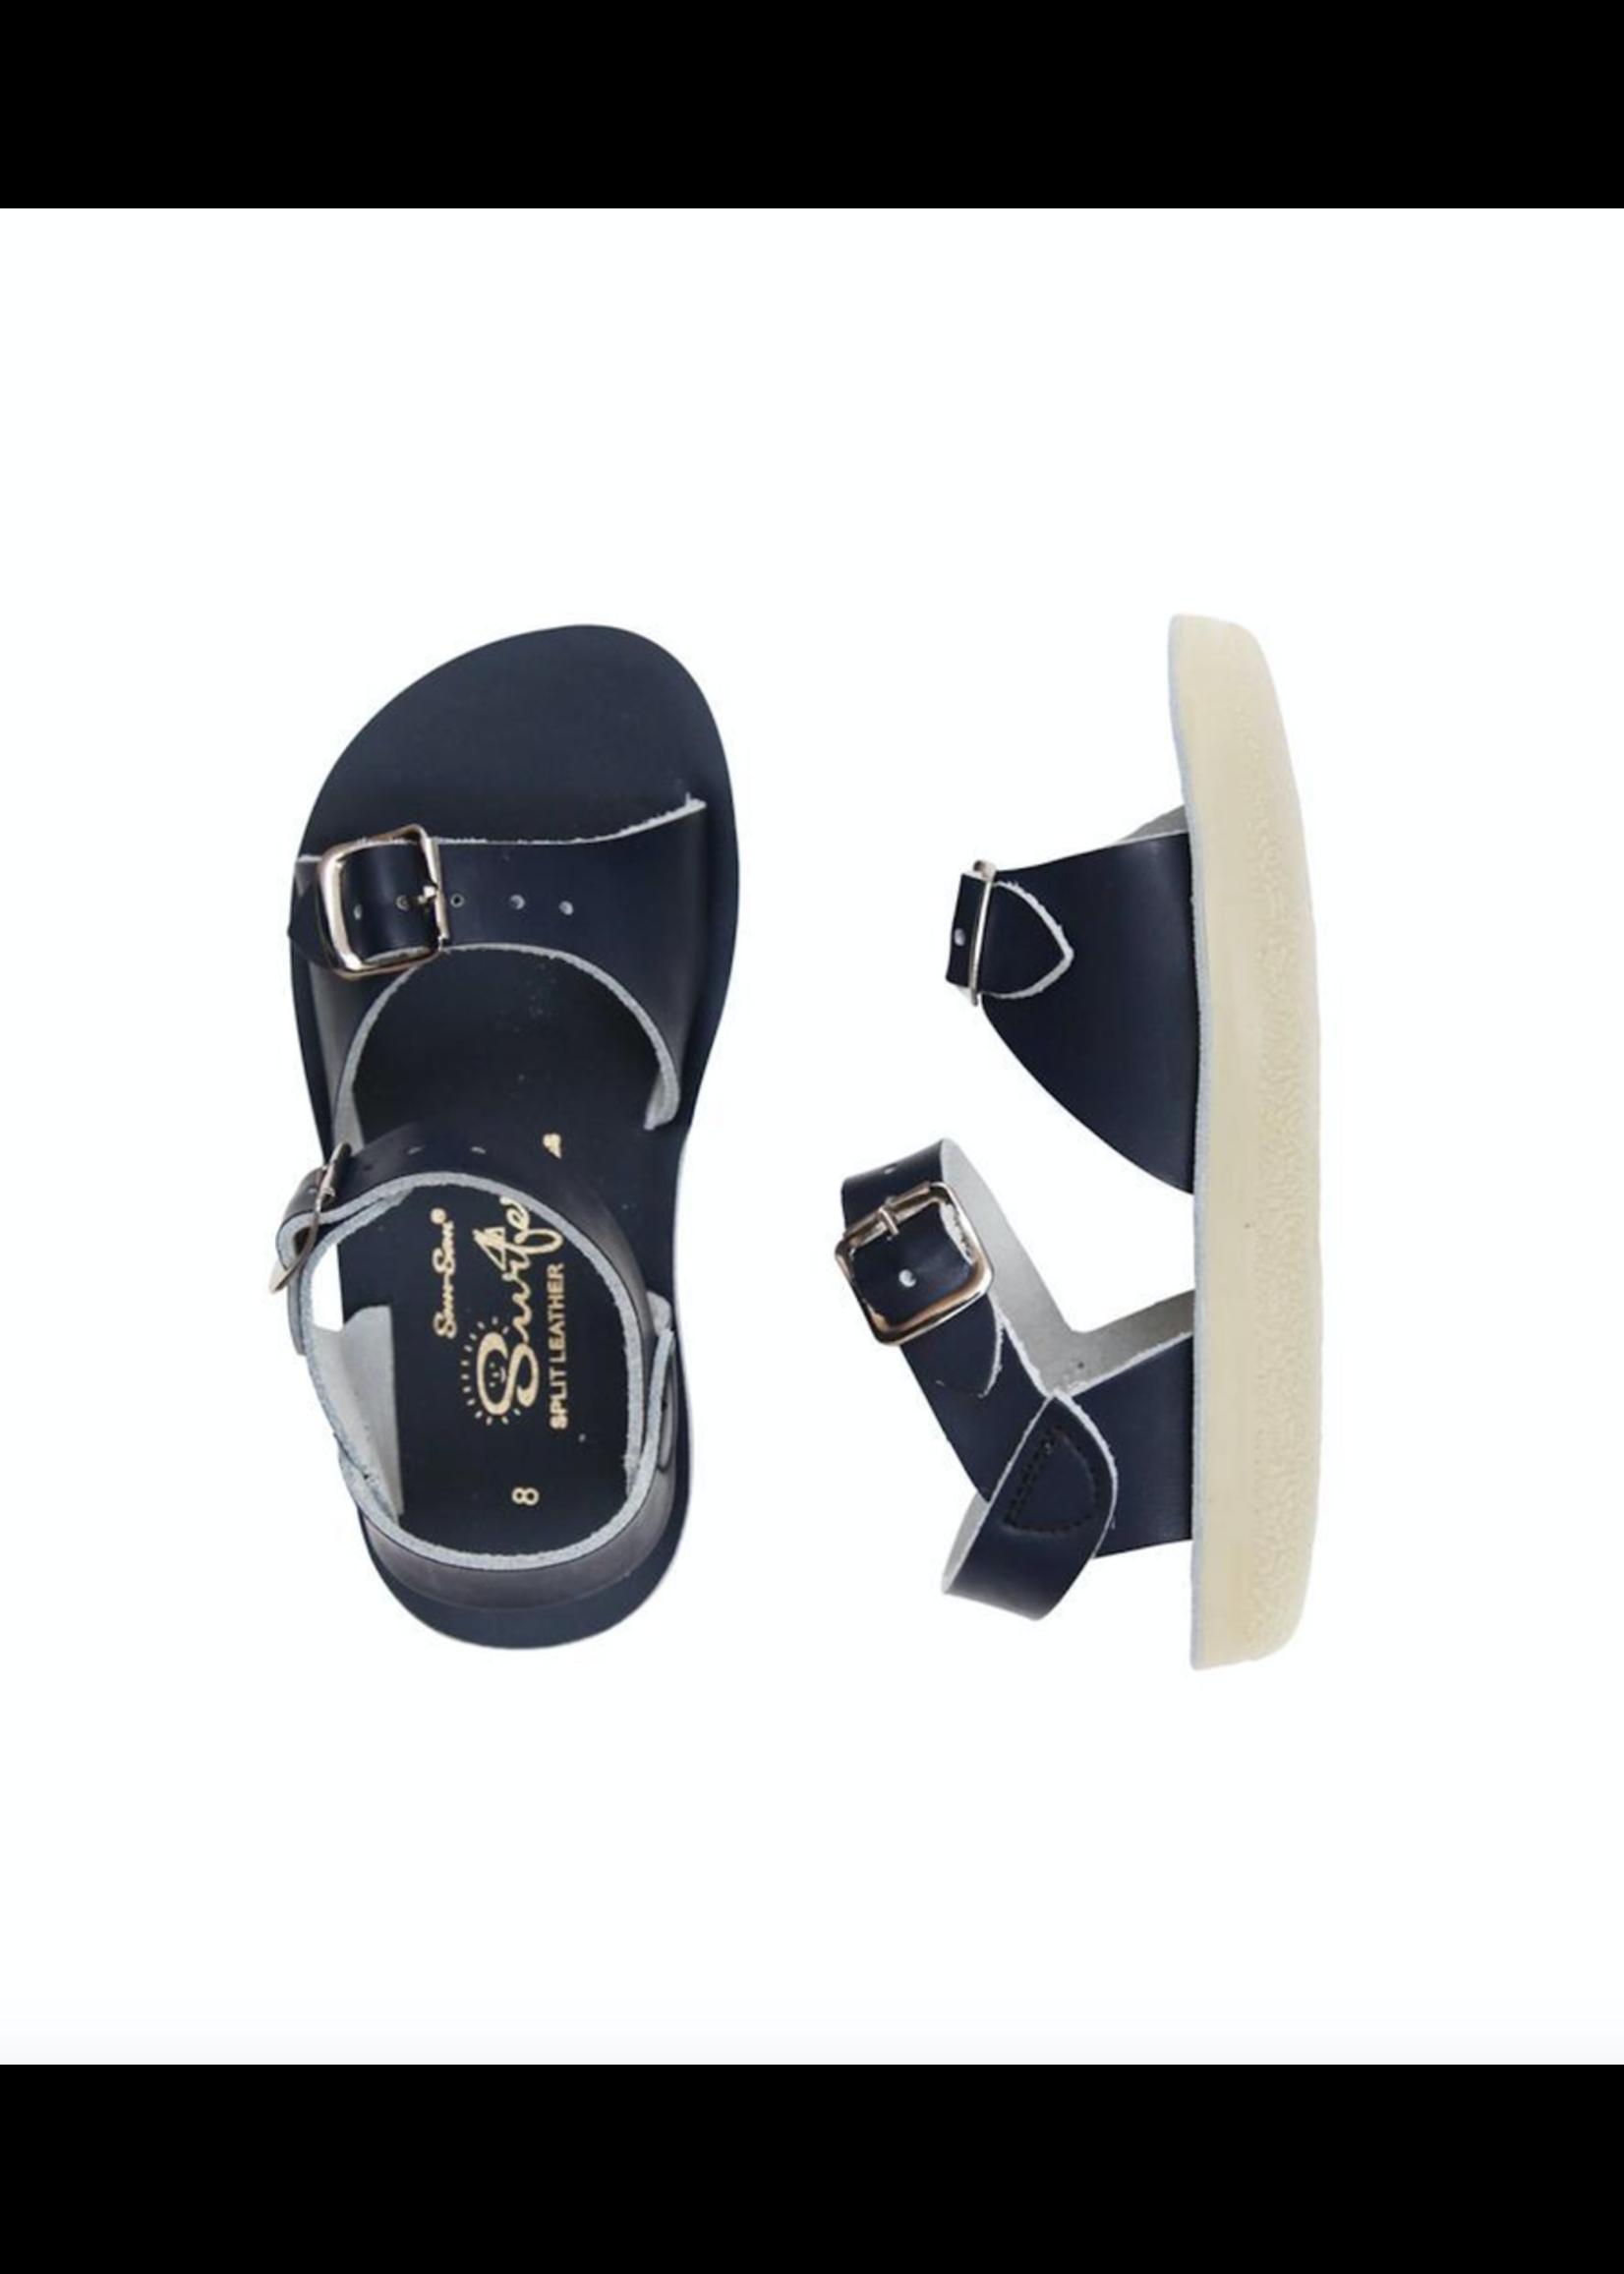 Salt Water Sandals Salt Water Sandal, Surfer, Youth